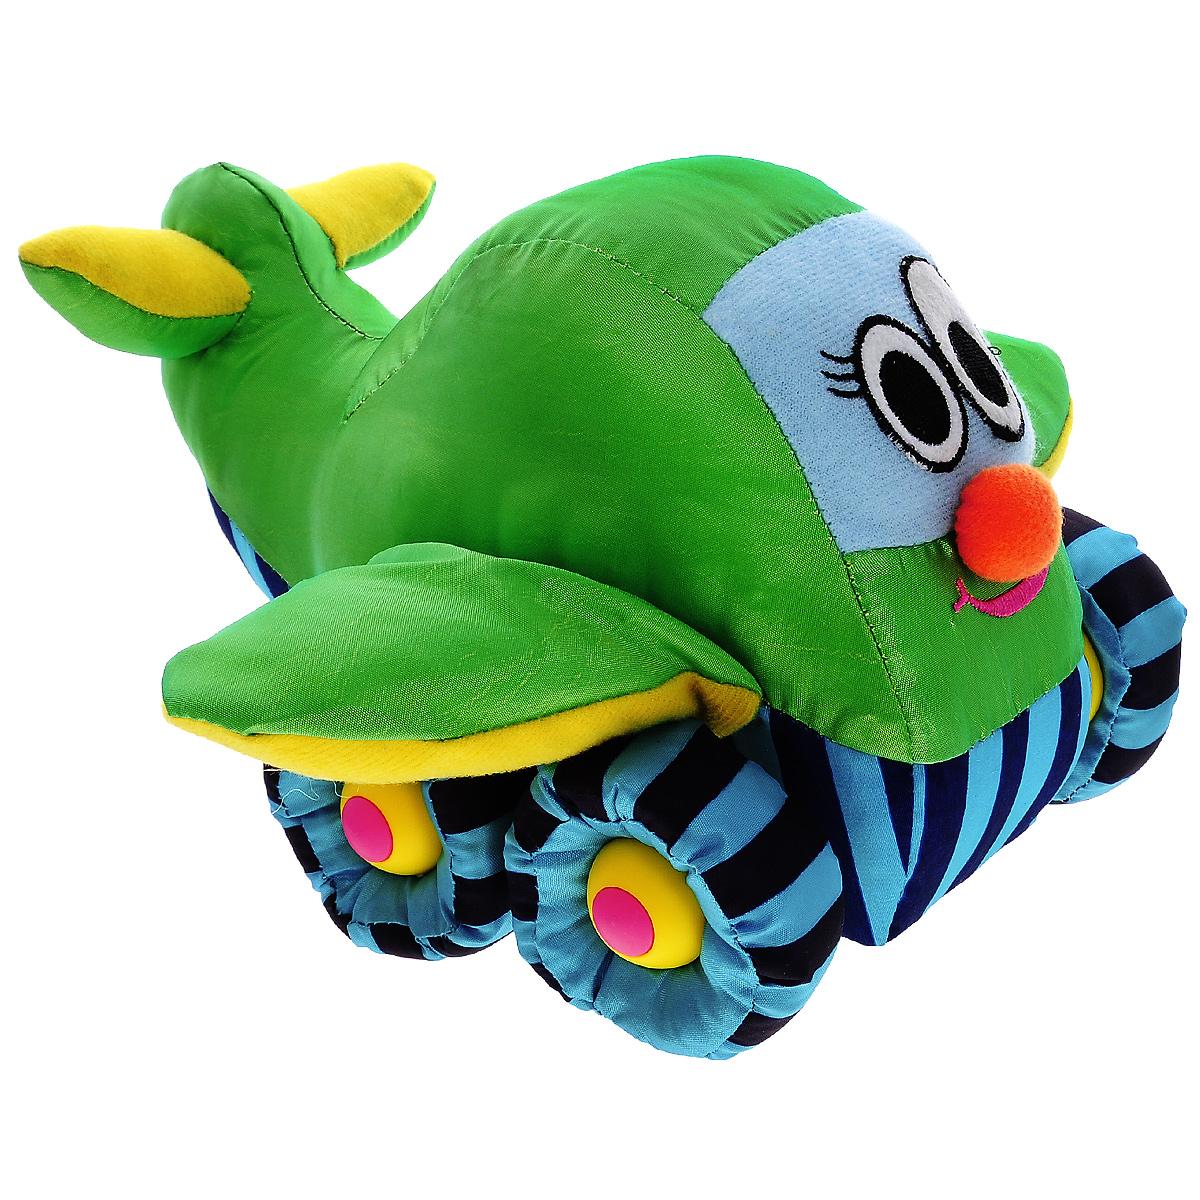 Tongde Мягкая озвученная игрушка СамолетВ72428Мягкая озвученная игрушка Tongde Самолет обязательно понравится вашему малышу. Этот забавный самолет подарит вашему ребенку массу удовольствия за игрой. Изделие выполнено из приятных на ощупь и очень мягких материалов, безвредных для малыша. Движение игрушки сопровождается звуковыми эффектами. С игрушкой можно играть как дома, так и в садике. Данная модель способствует развитию у детей воображения, тактильной чувствительности и мелкой моторики. Ваш ребенок часами будет играть с игрушкой, придумывая различные истории. Порадуйте его таким замечательным подарком! Необходимо купить 3 батарейки типа АА 1,5V (в комплект не входят).